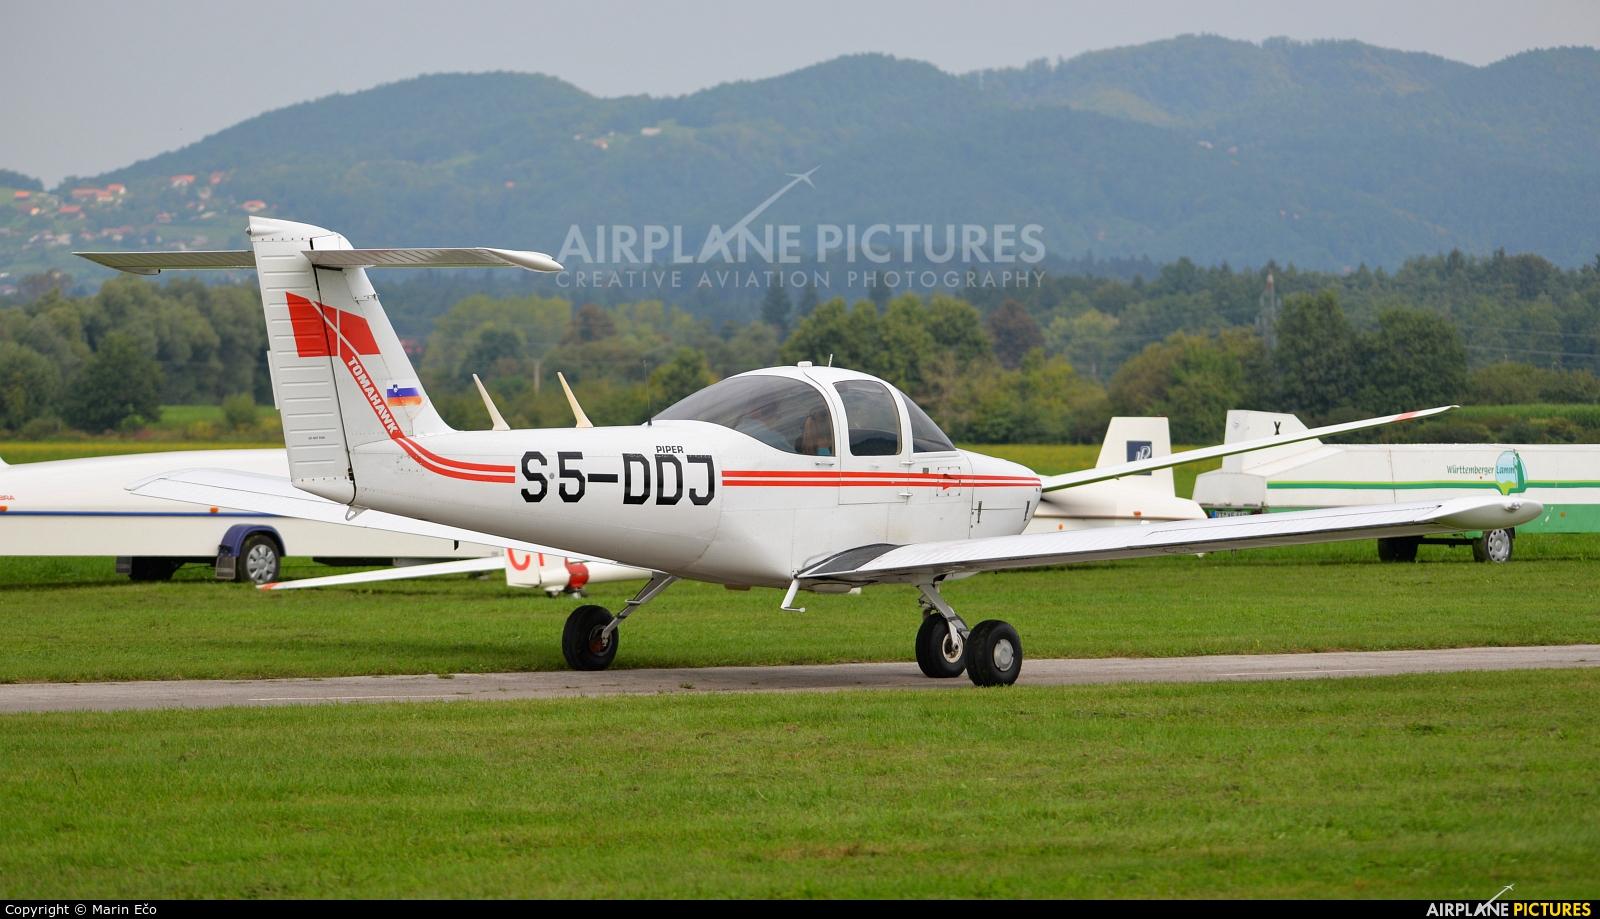 Aeroklub Celje S5-DDJ aircraft at Levec